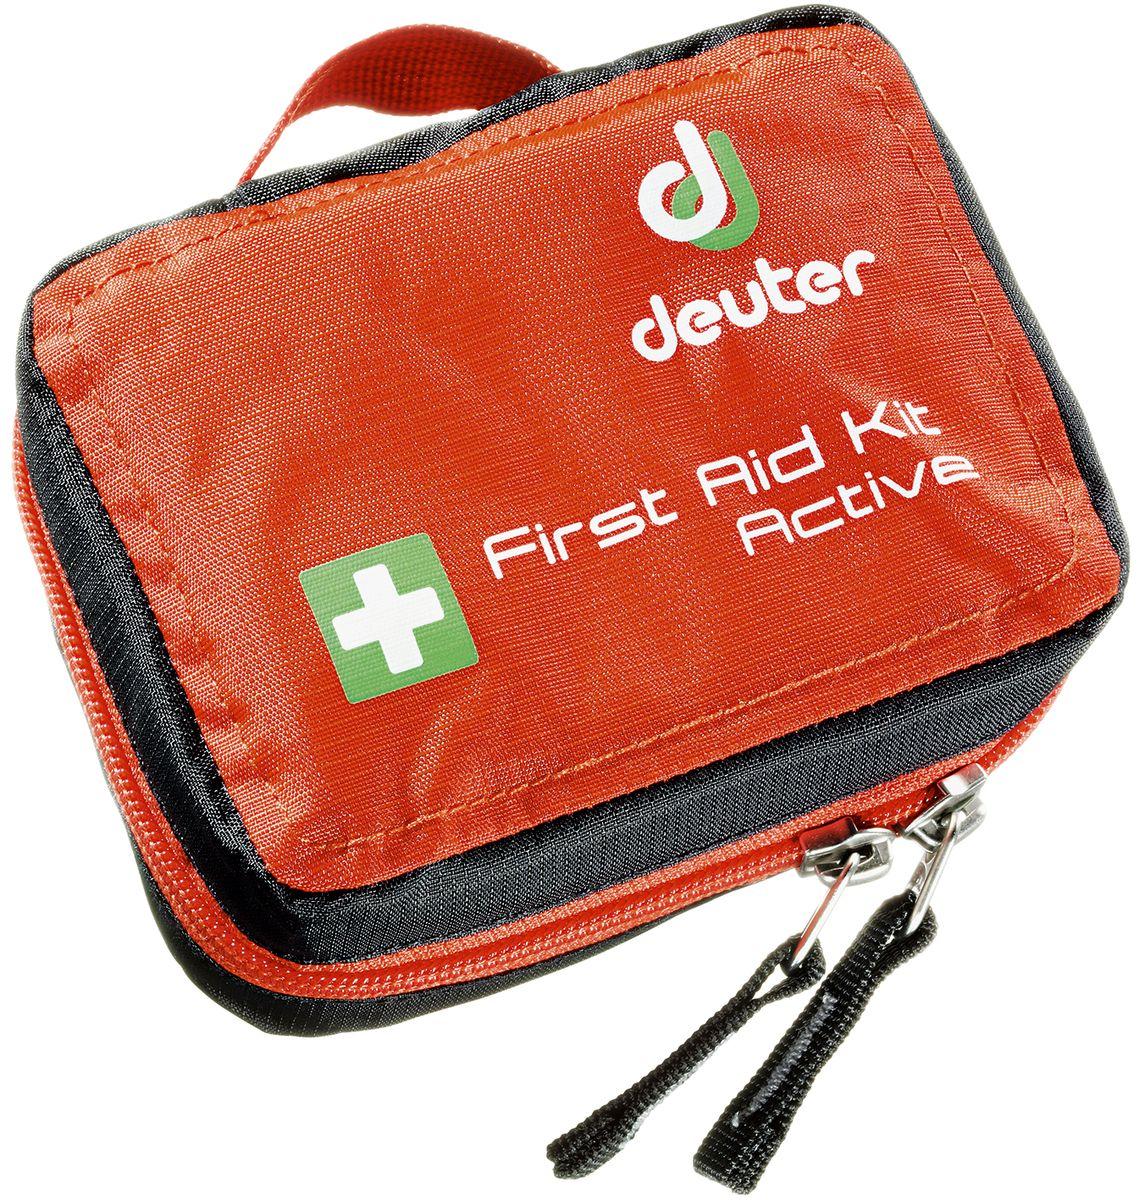 Аптечка Deuter First Aid Kit Pro, цвет: красный4943216_9002В аптечку Deuter First Aid Kit Pro вместится хорошо укомплектованный аварийный комплект. Вы можете поместить туда пинцет для клещей, ножницы, многочисленные бинты, также достаточно карманов для индивидуальных лекарств. - быстрый доступ к всему содержимому благодаря круговой молнии - инструкции по оказанию первой помощи - раскладной карман - петля для поясного ремня - ручка для переноски - SOS лейбл - Материал: Ripstop-Nylon - Вес: 360 g - Размеры: В x Ш x Г: 16 x 18 x 8 см